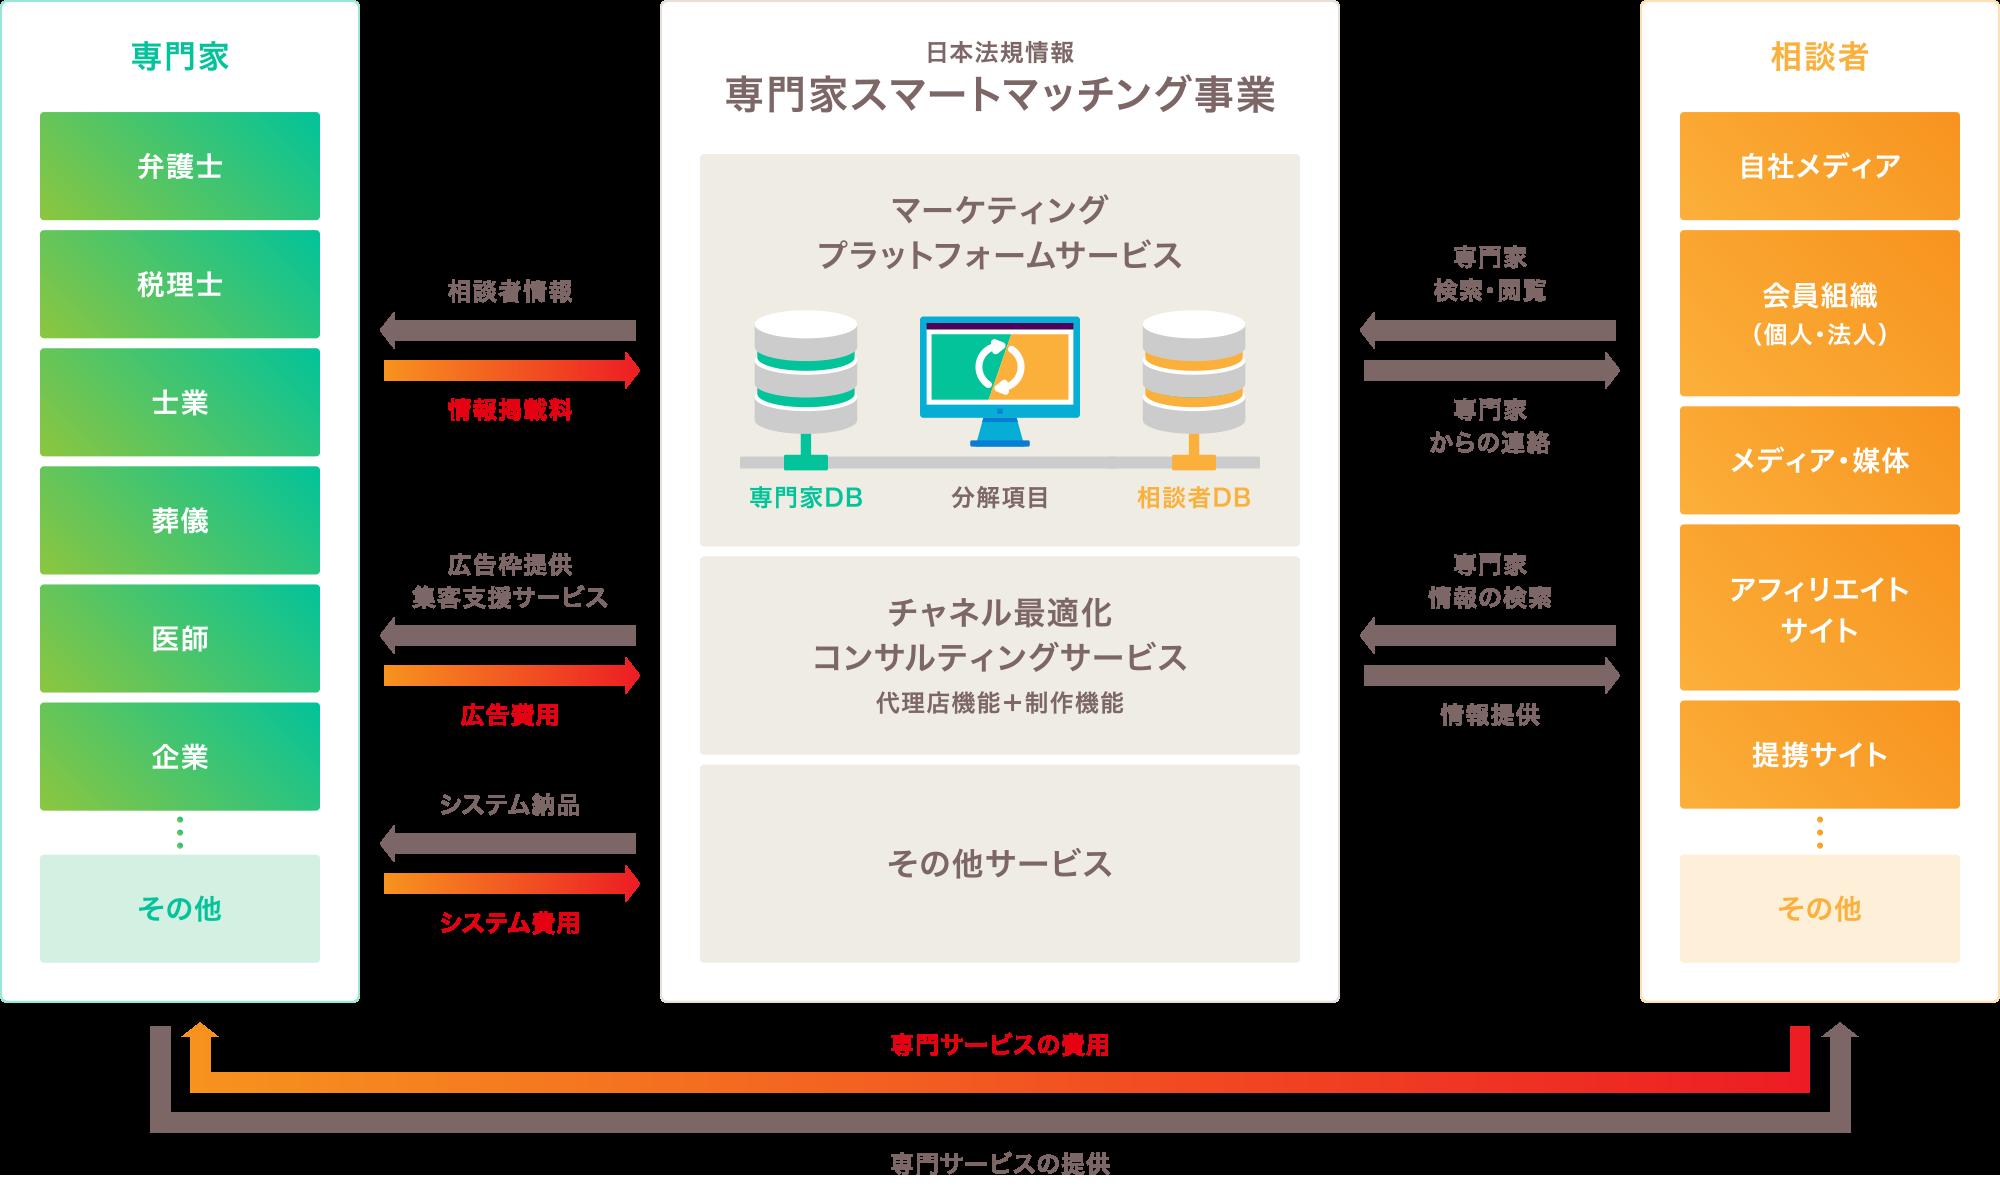 アスクプロ:ビジネスモデル図